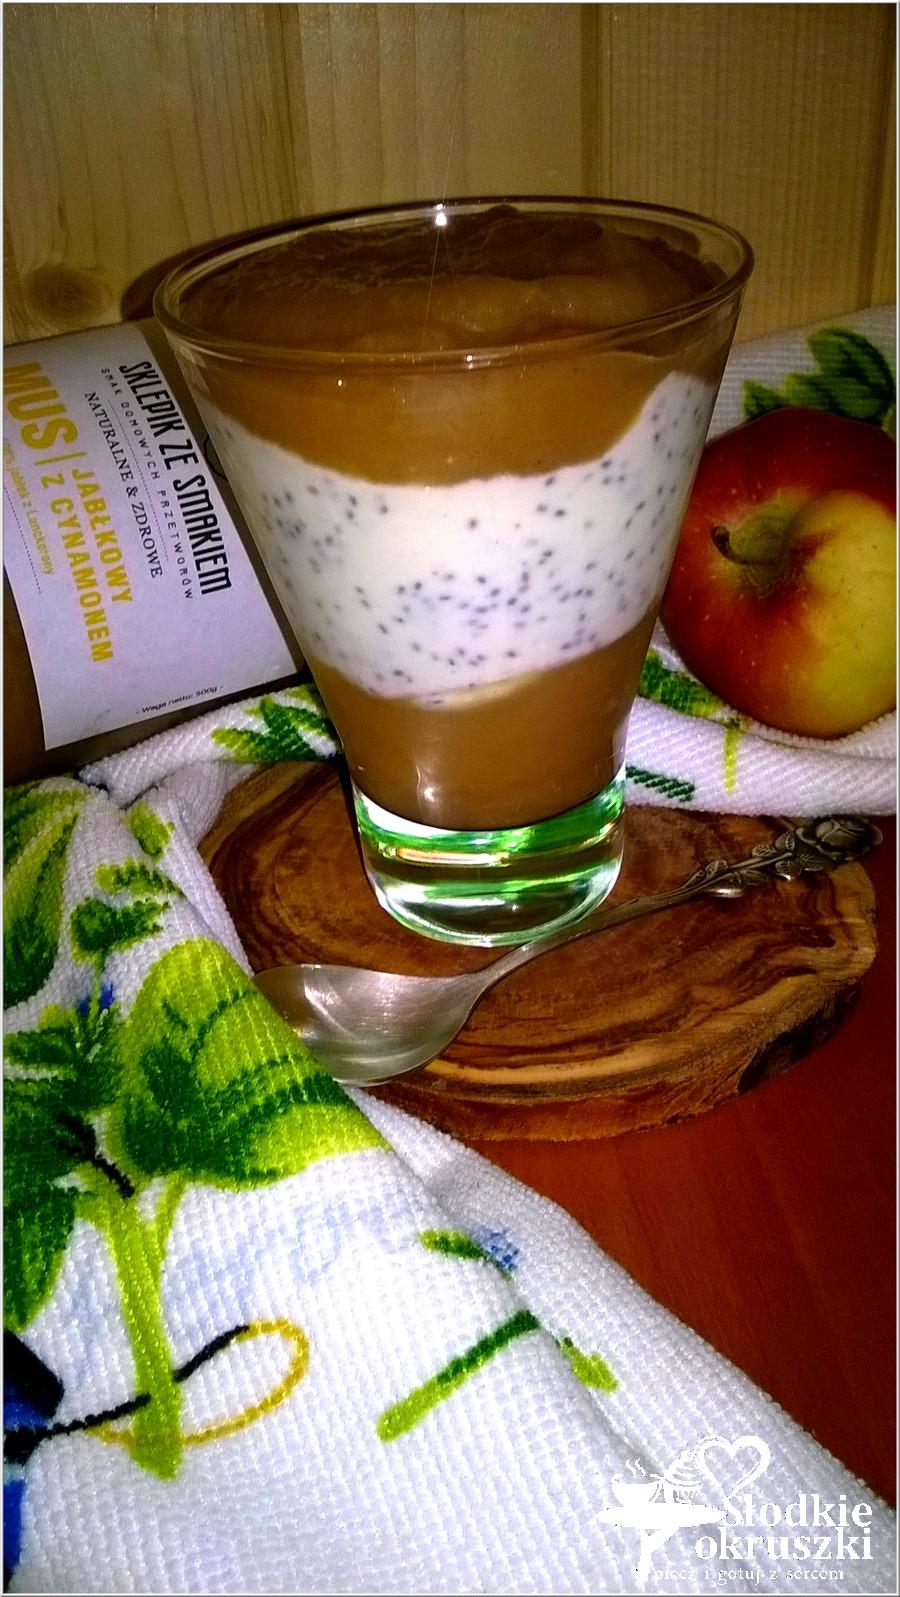 Pyszny deser chia z  jabłkowtym musem (1)